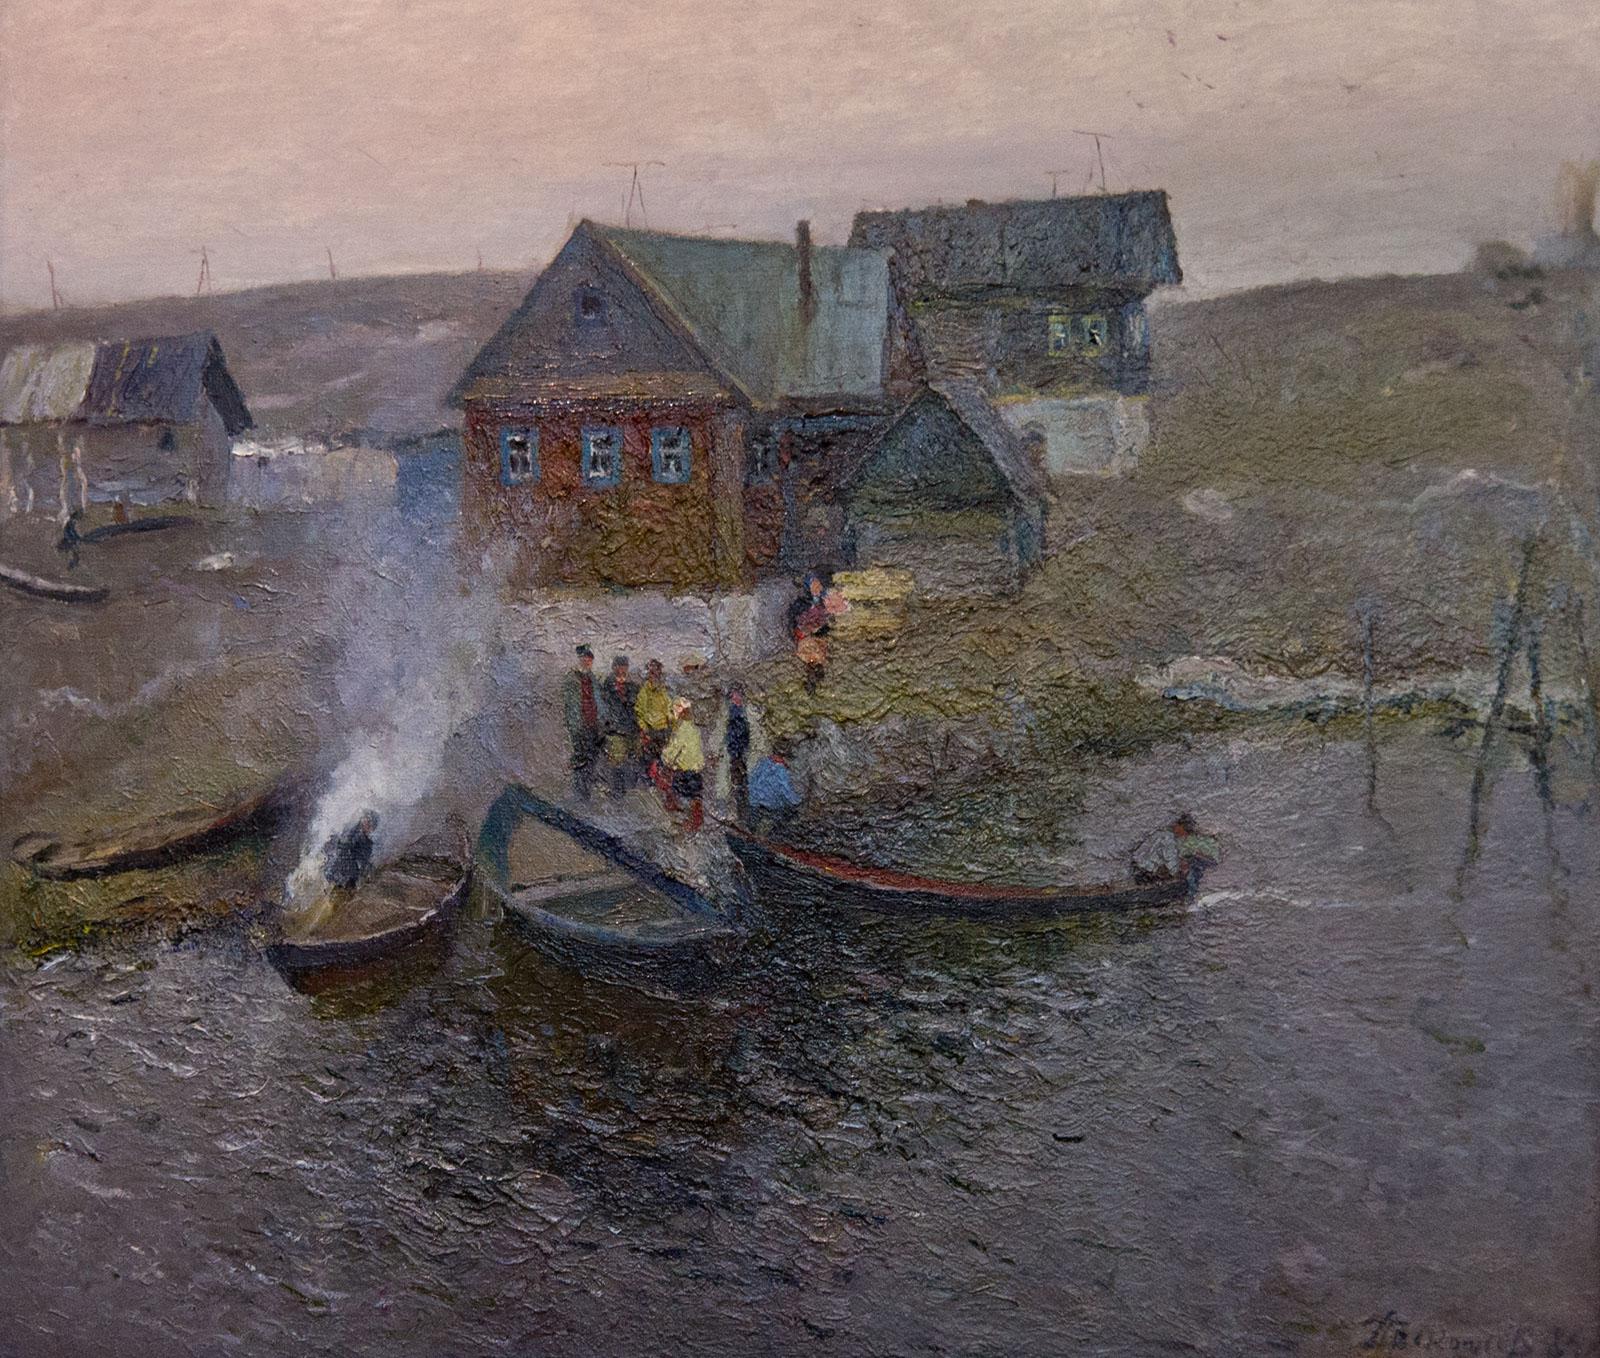 Фото №89326. В рыбацком поселке. 1984. Прокопьев А.Л.1922-1993